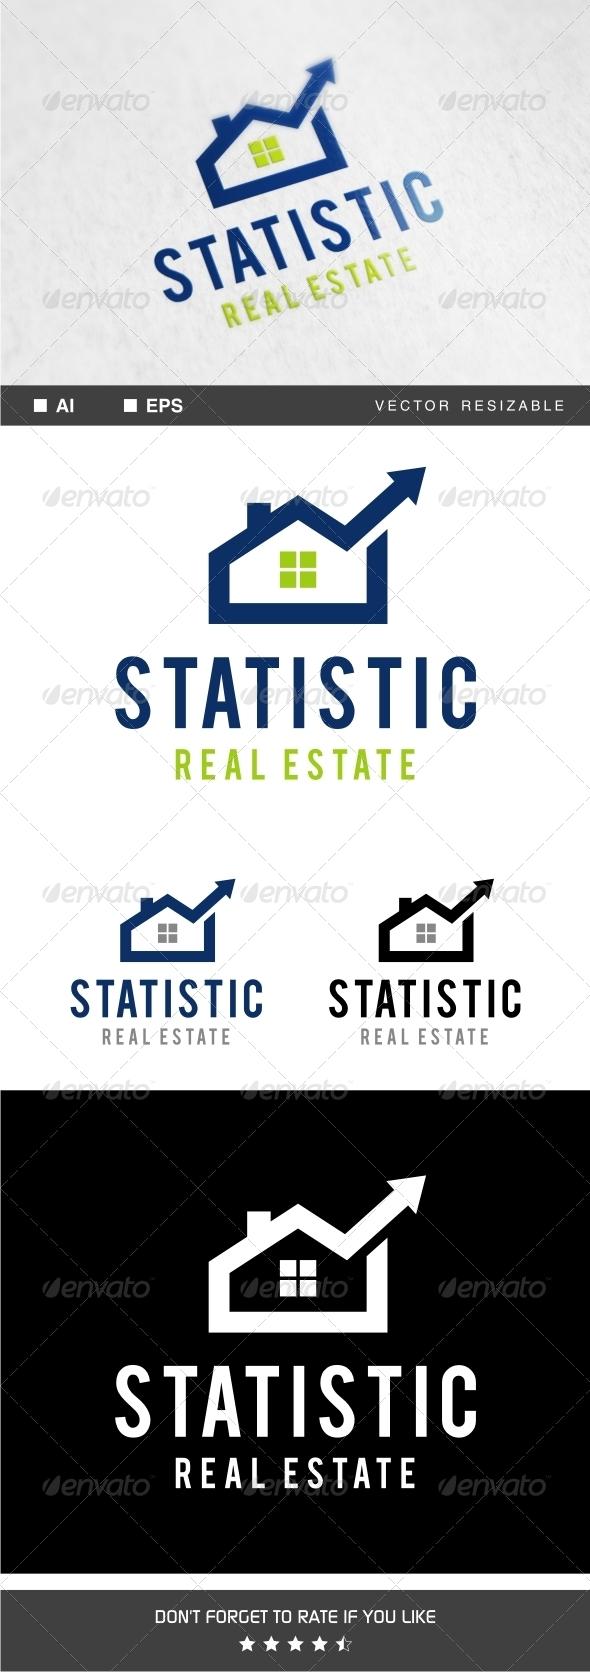 Statistic Real Estate